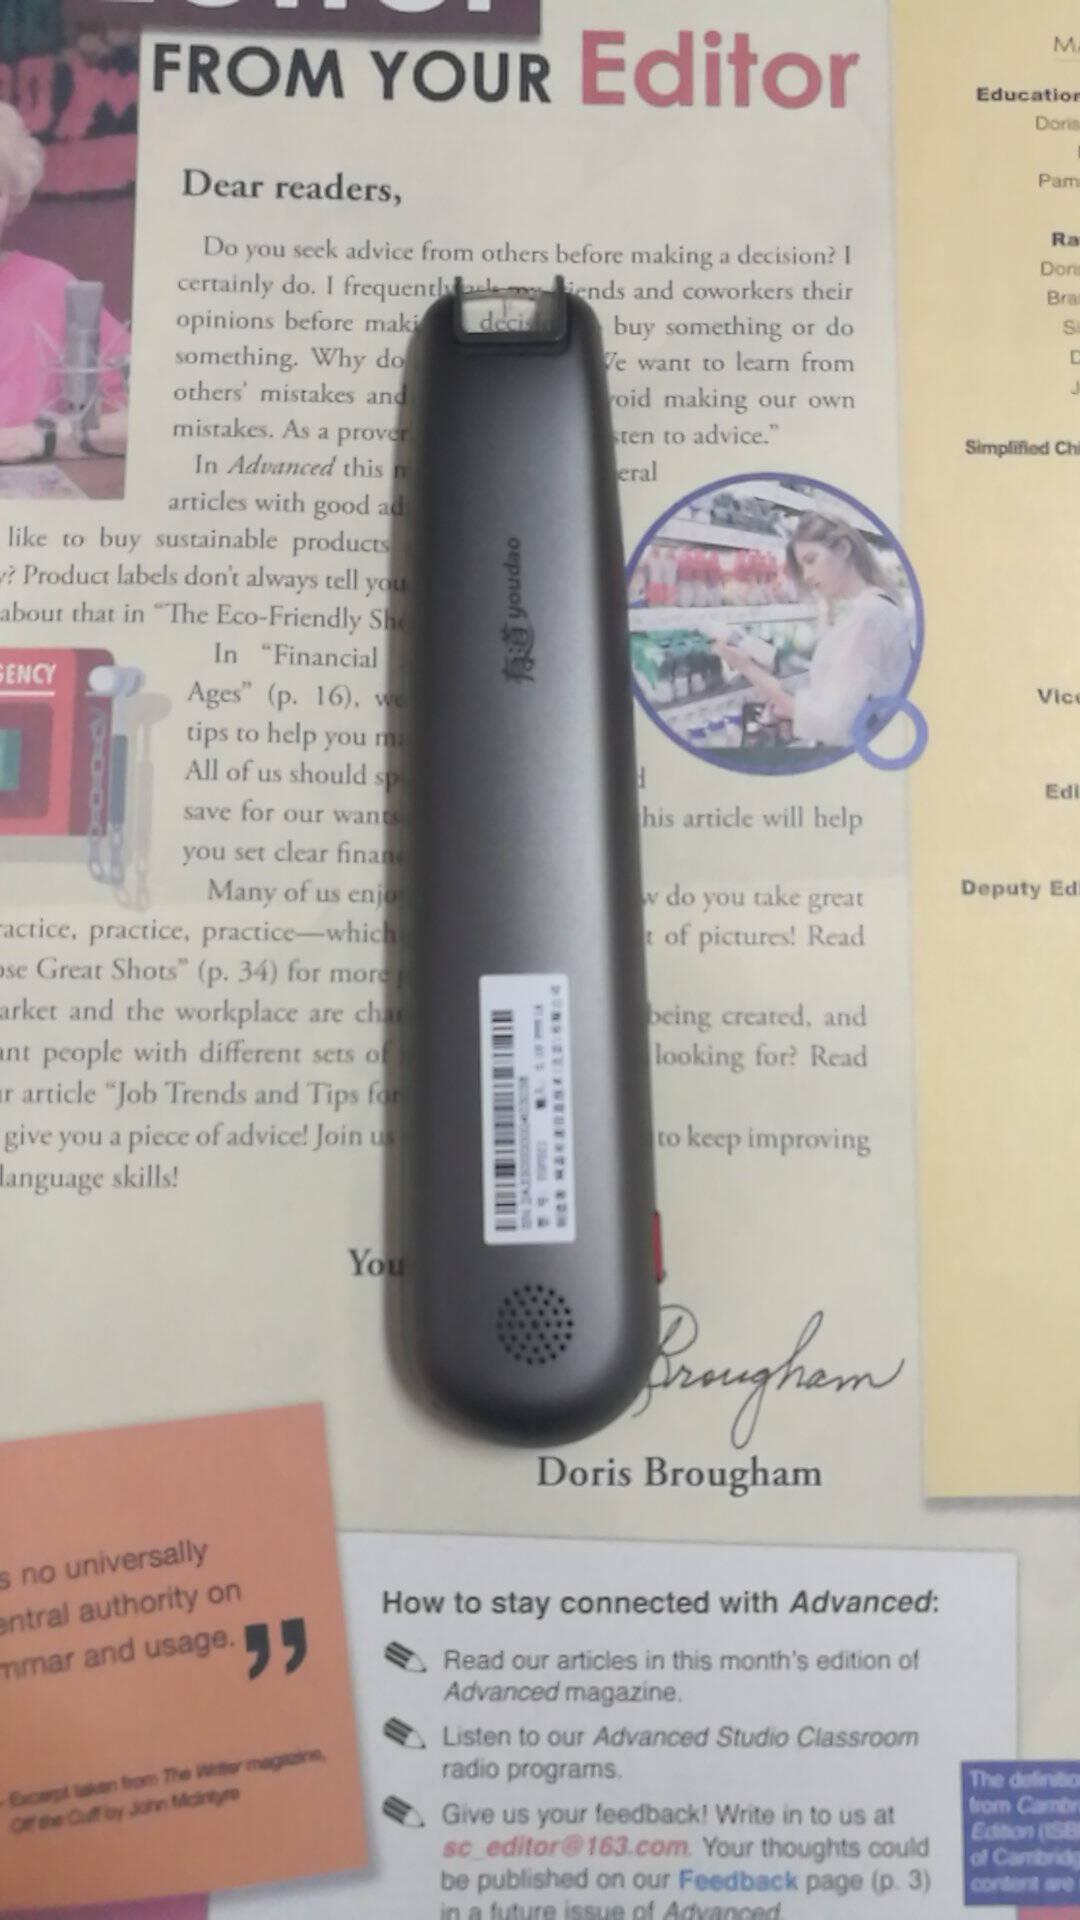 网易有道词典笔X3极速版翻译笔英语点读笔电子词典扫描笔单词笔学习机扫读笔中小学生辞典翻译机明眸黑